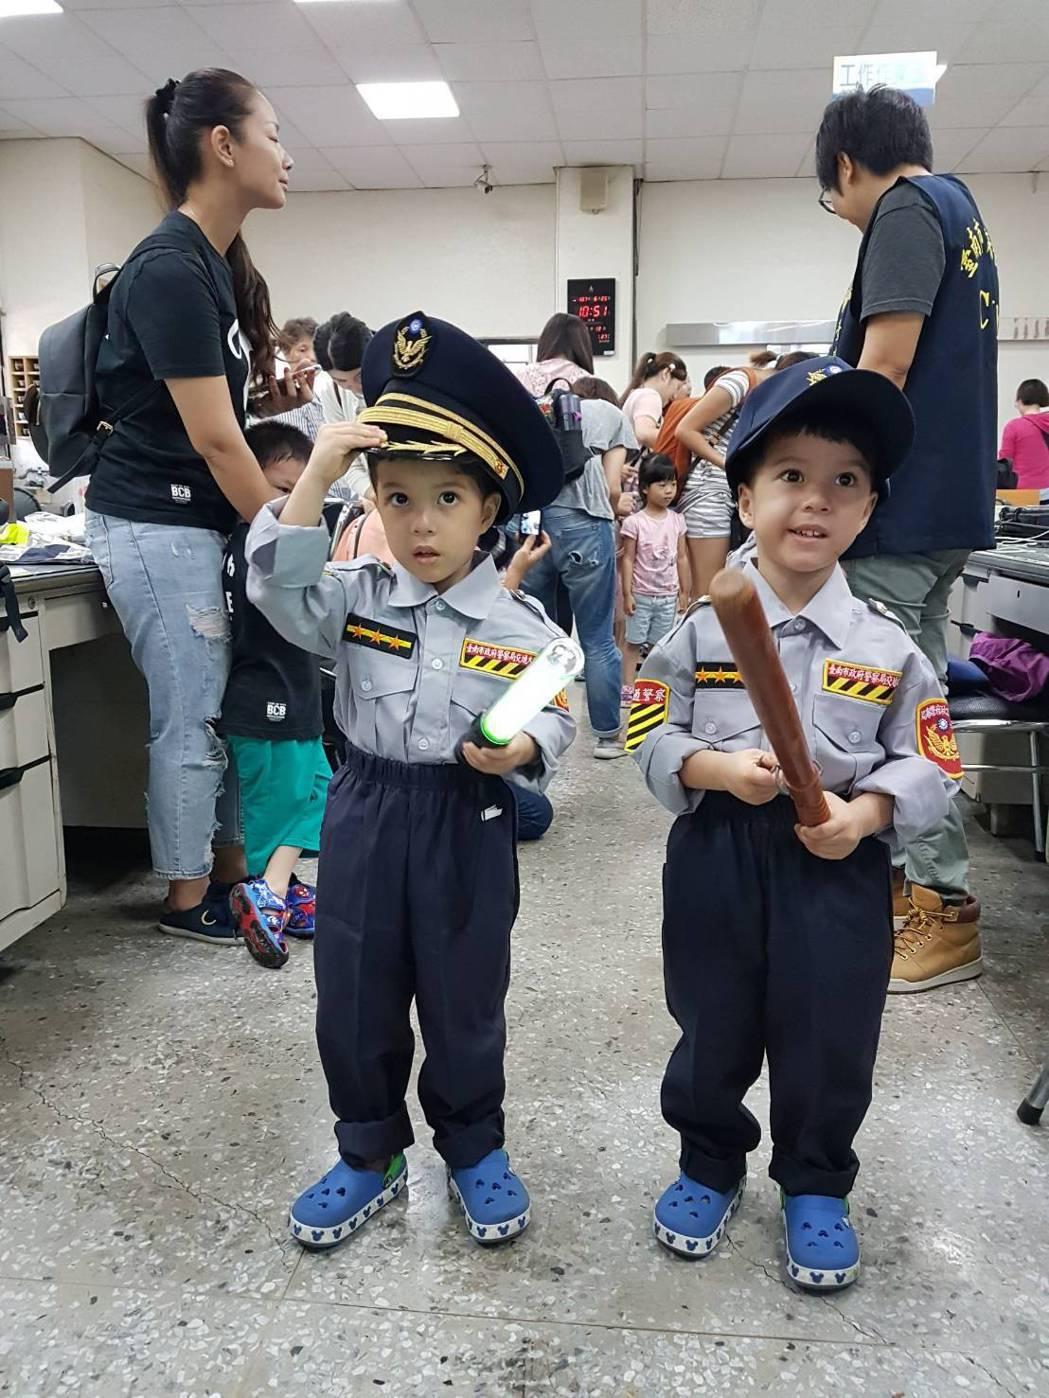 親子團體參訪警局 大玩Cosplay 小警察模樣超可愛